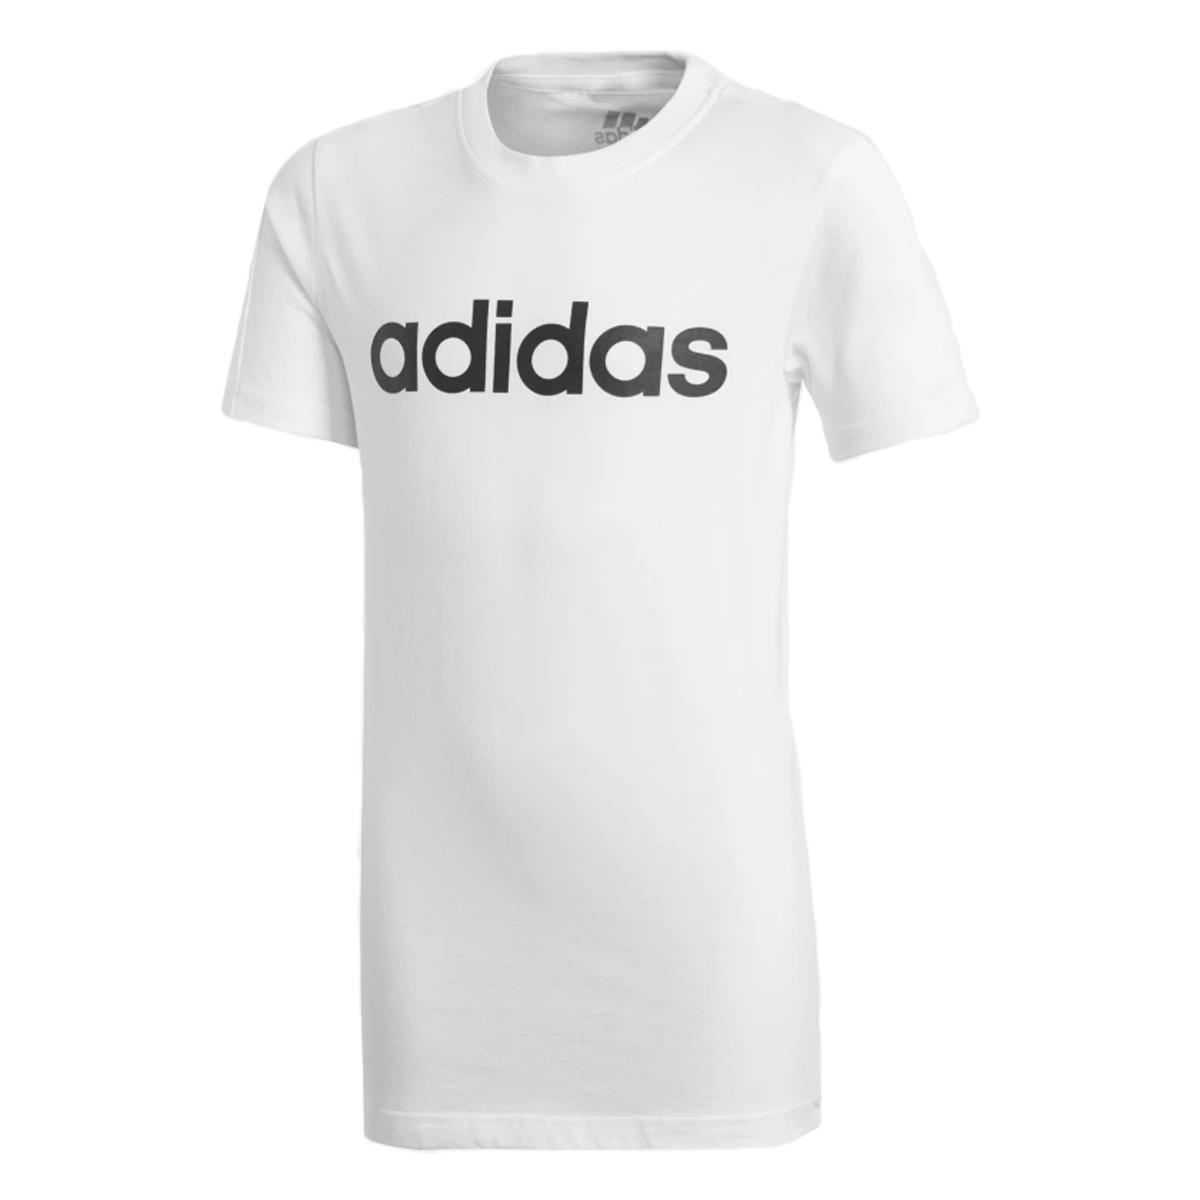 2ba9fad0a0e91 Camiseta Adidas Essentials Linear Infantil Meninos